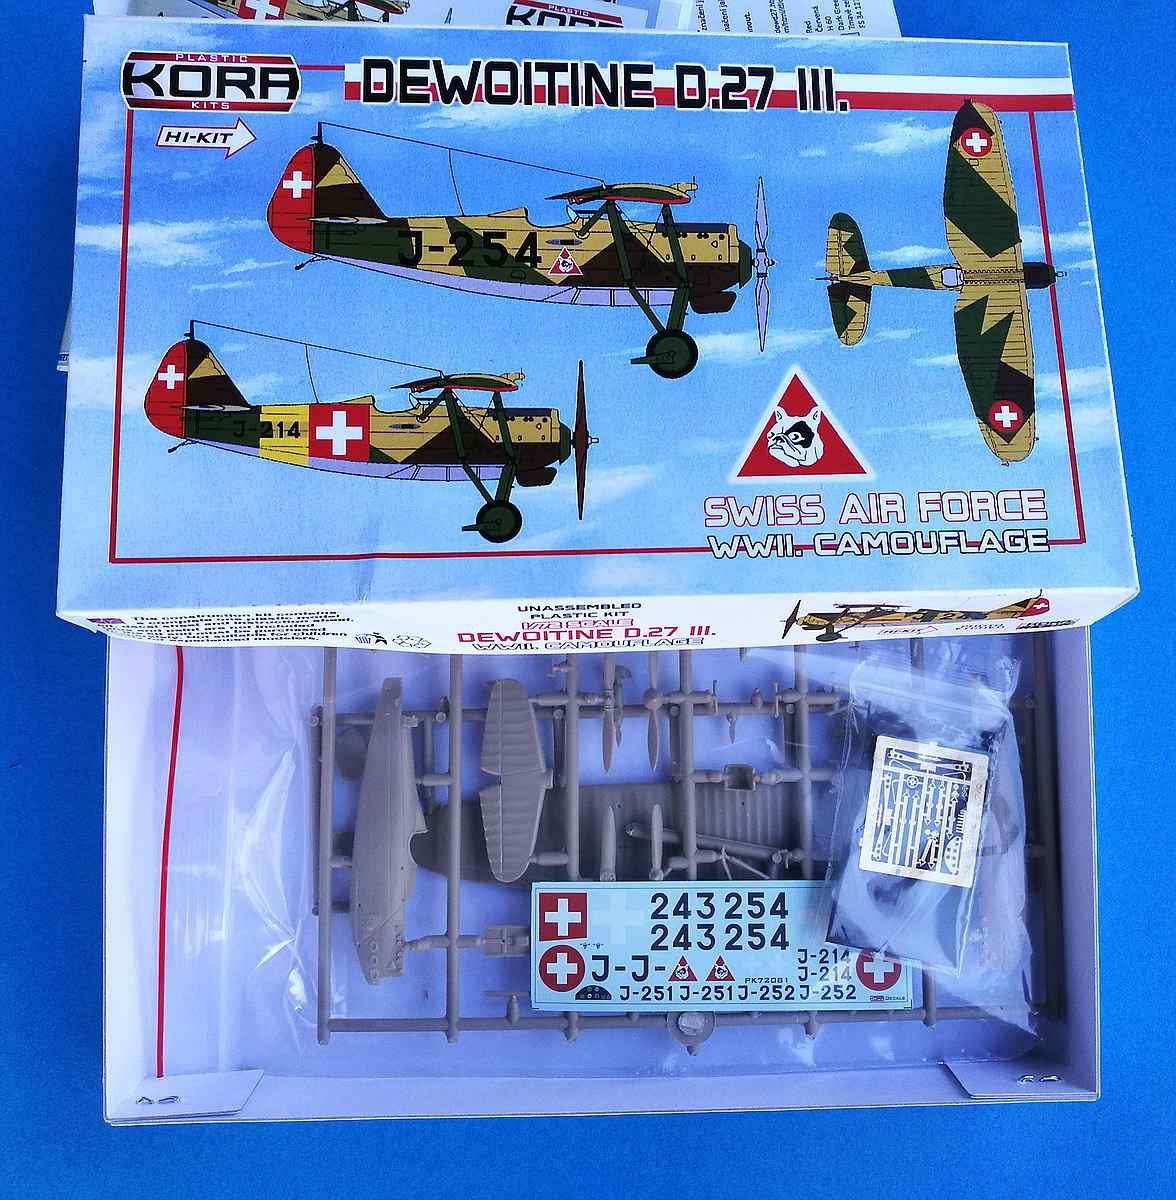 KORA-KPK-72081-Dewoitine-D.27-III-Schweiz-1 Dewoitine D.27 der Schweizer Flugwaffe im Maßstab 1:72 von KORA Models KPK 72081